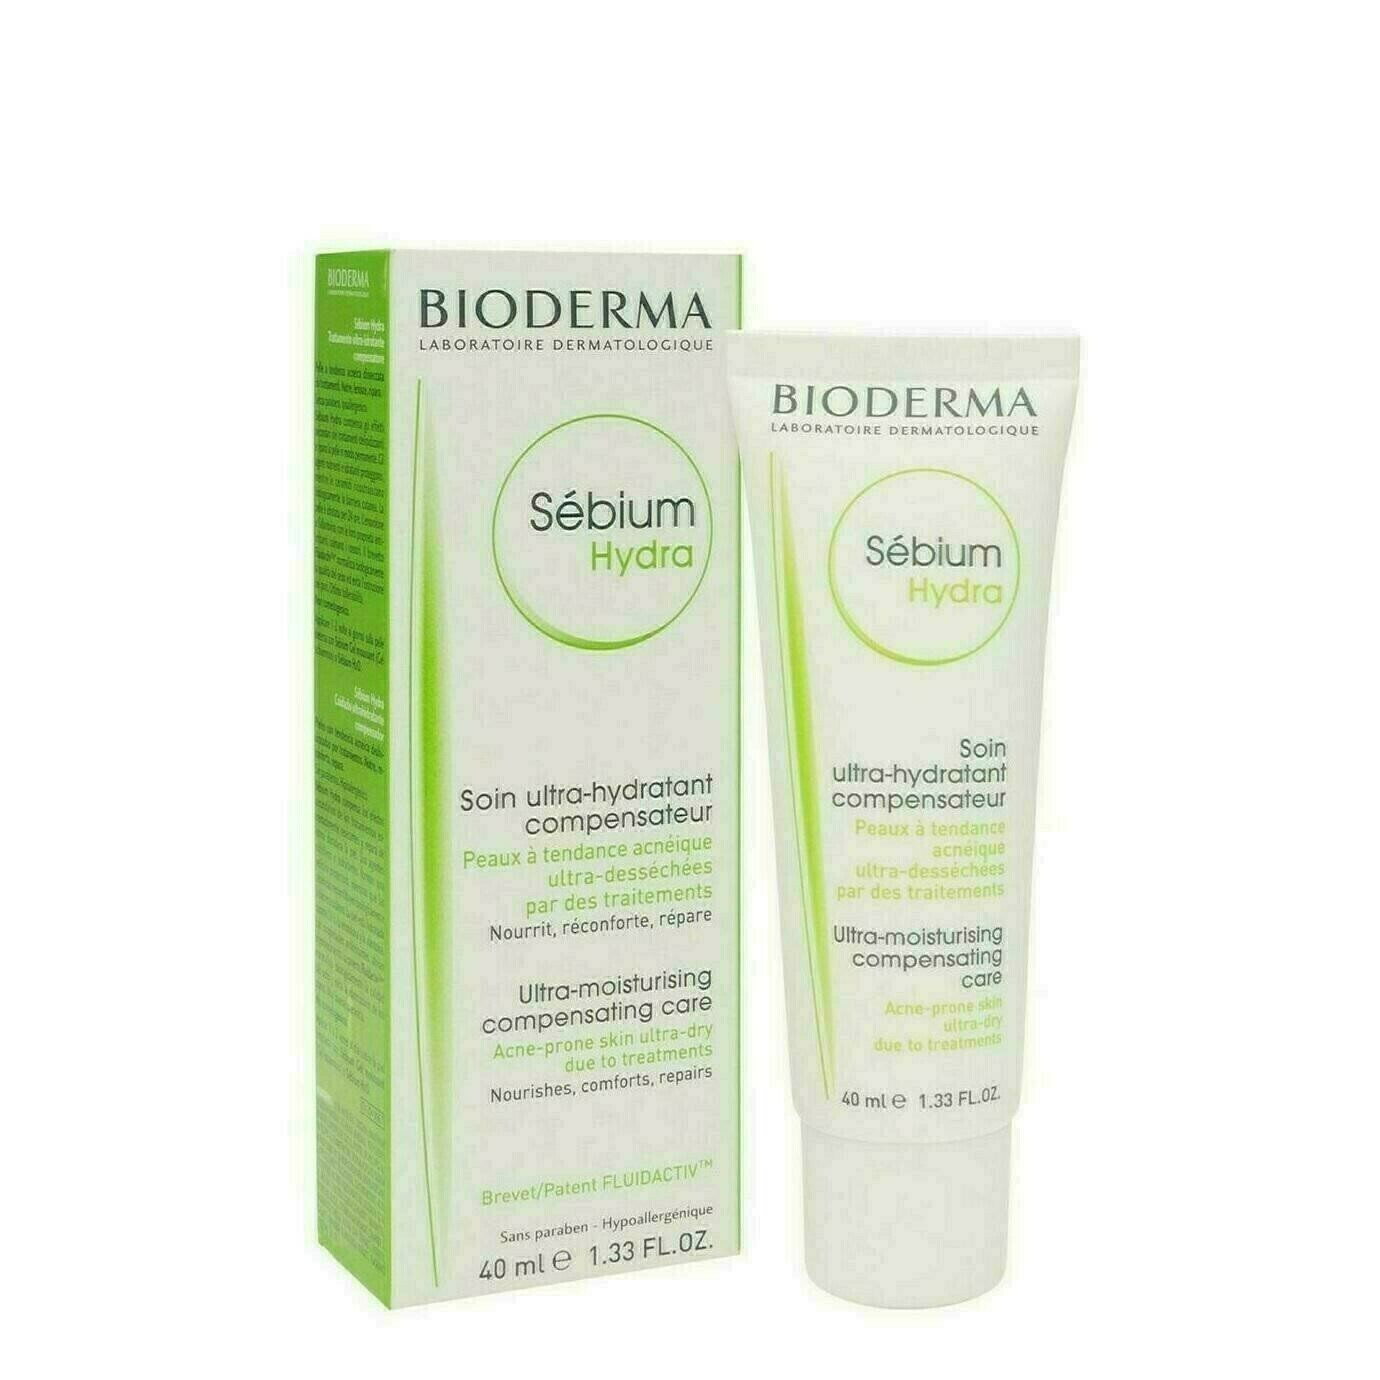 SEBIUM HYDRA CREMA BIODERMA 40 ML